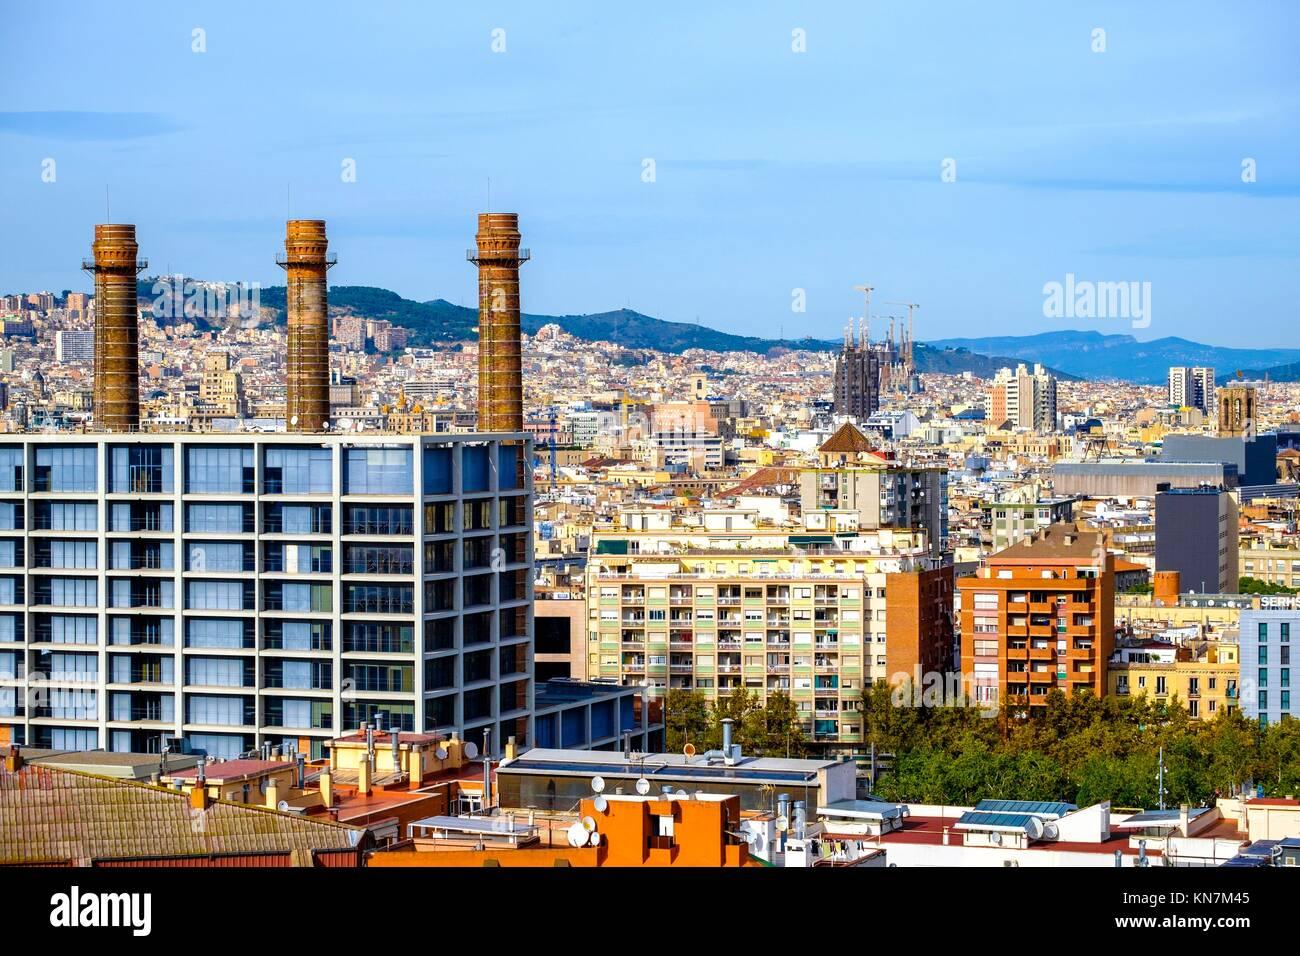 Endesa stock photos endesa stock images alamy - Oficina fecsa endesa barcelona ...